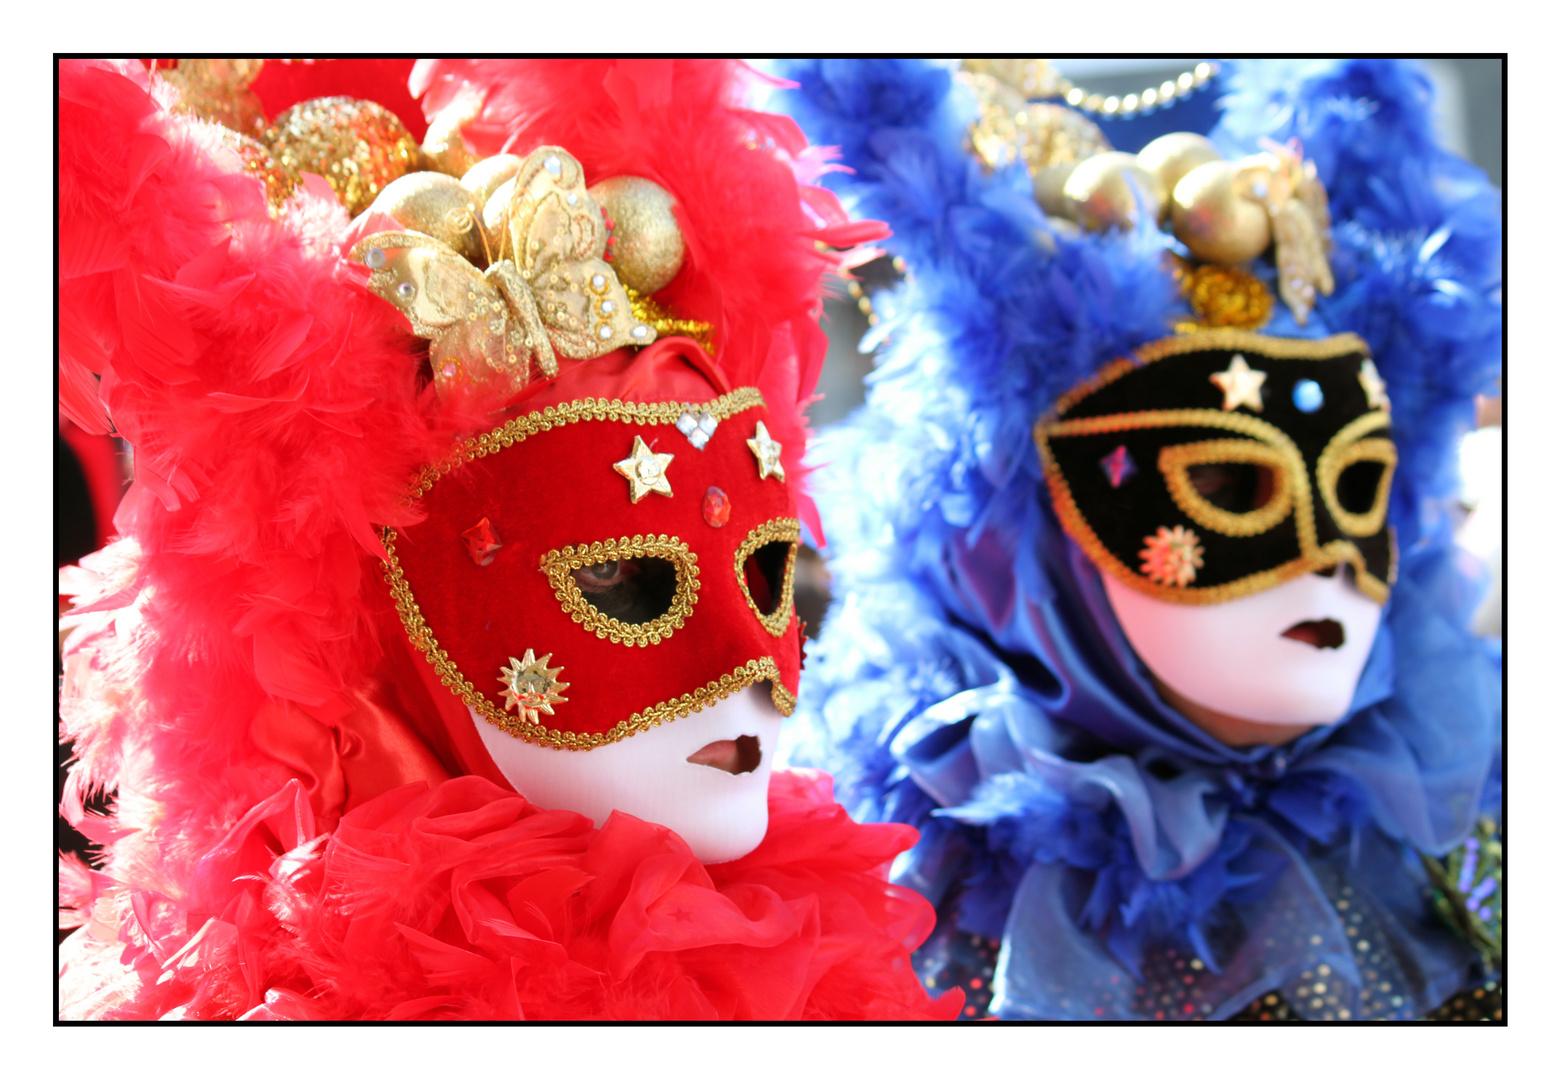 Red & Blue - Carnevale Venezia 2011